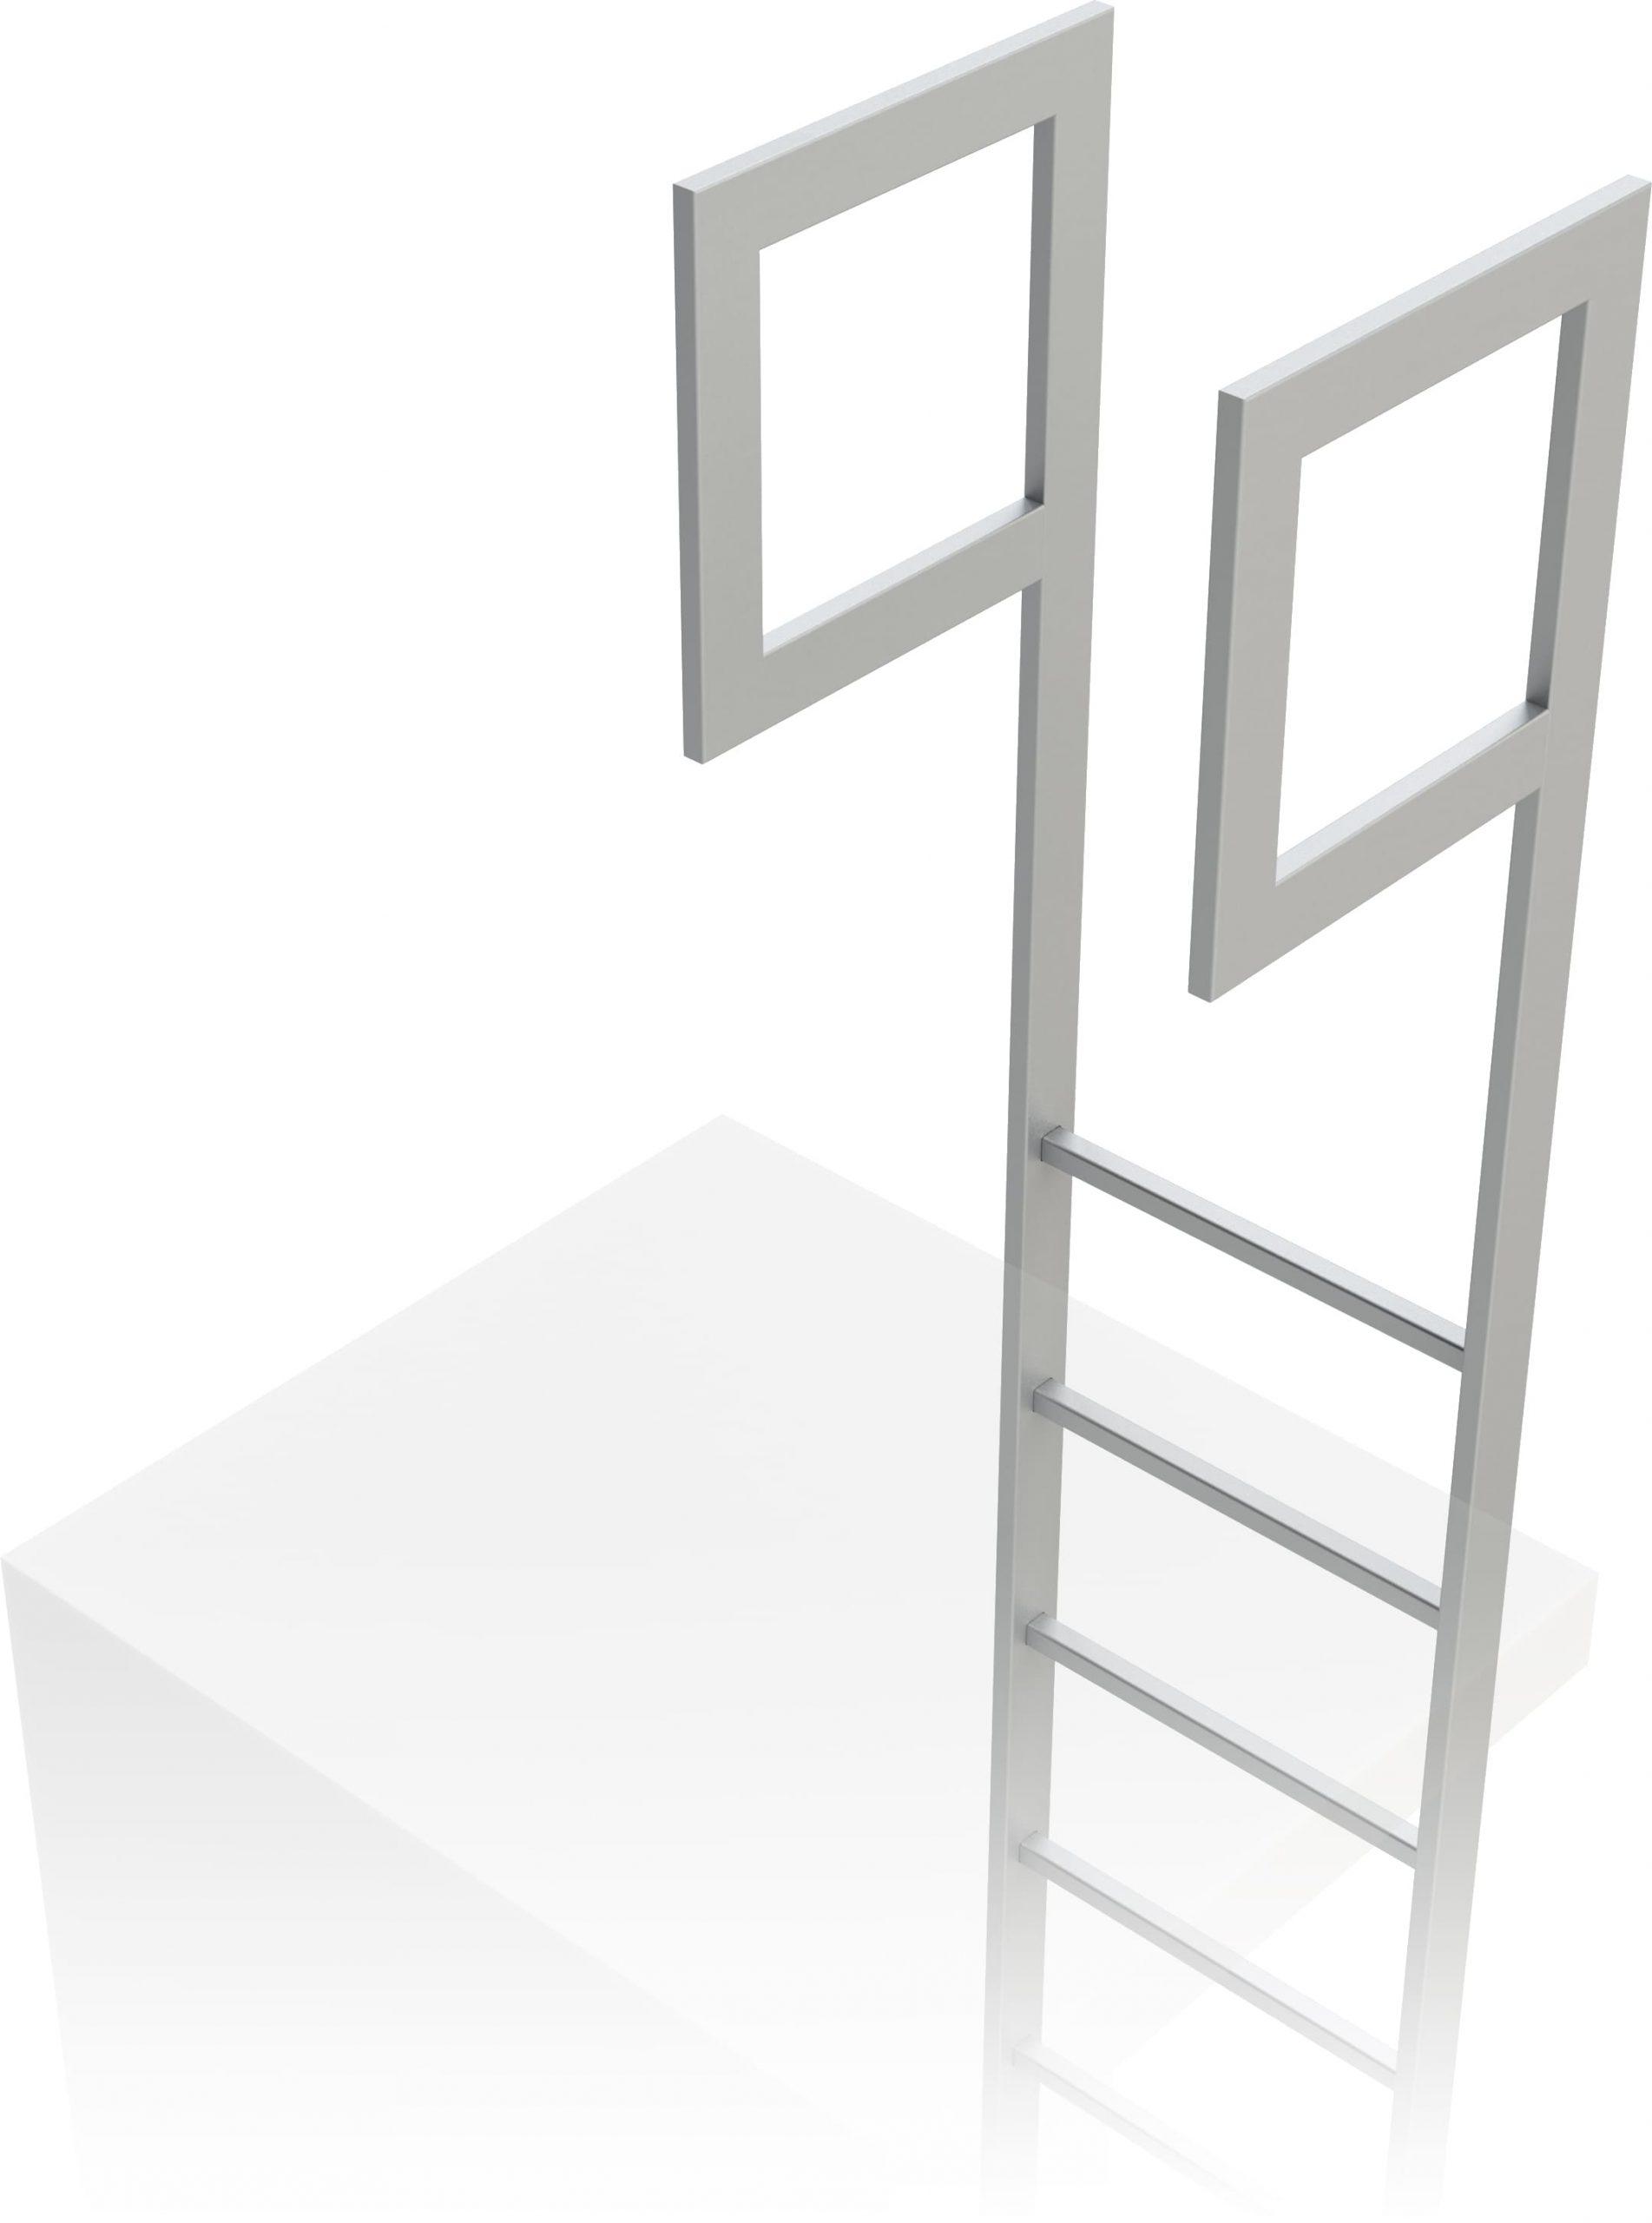 predĺženie stojín na výstupovom rebríku na budove